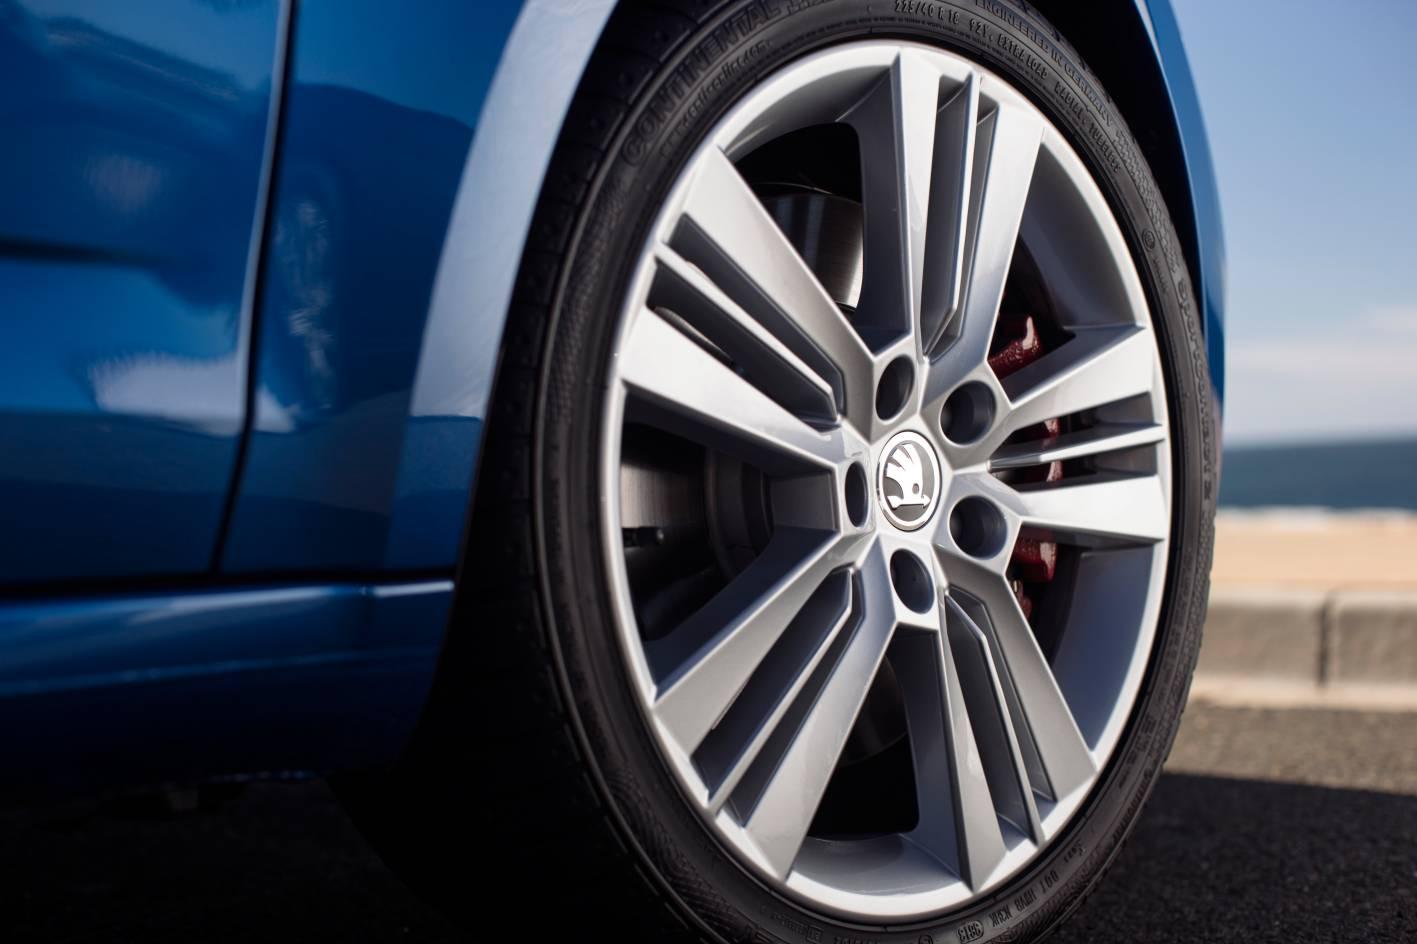 Skoda Octavia Rs 18 Inch Wheels Forcegt Com